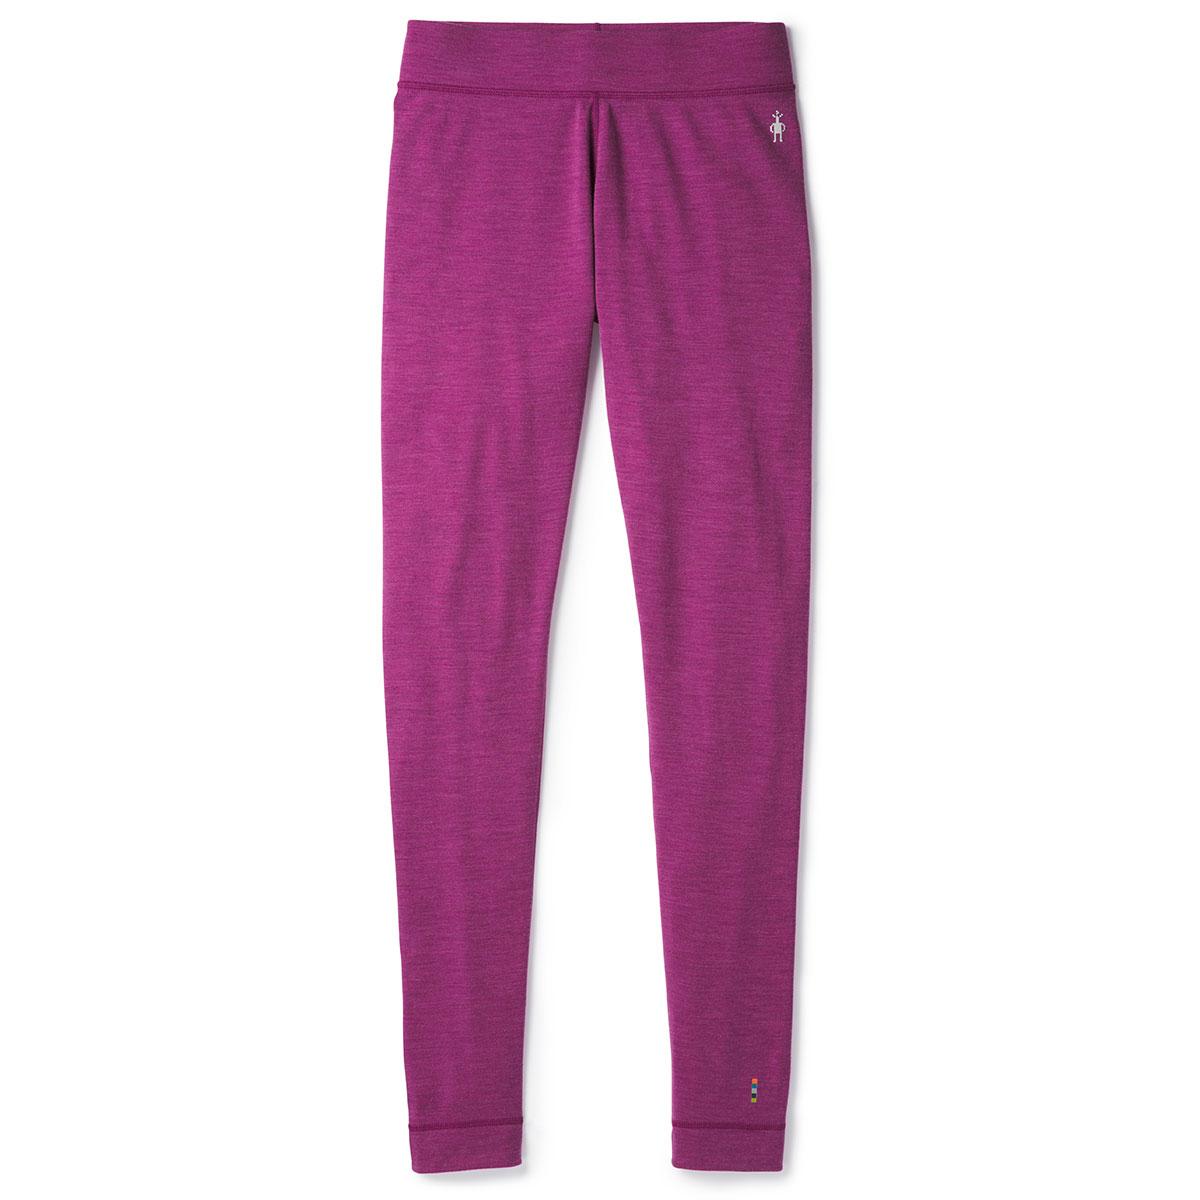 Smartwool Women's Nts Mid 250 Bottoms - Purple, L